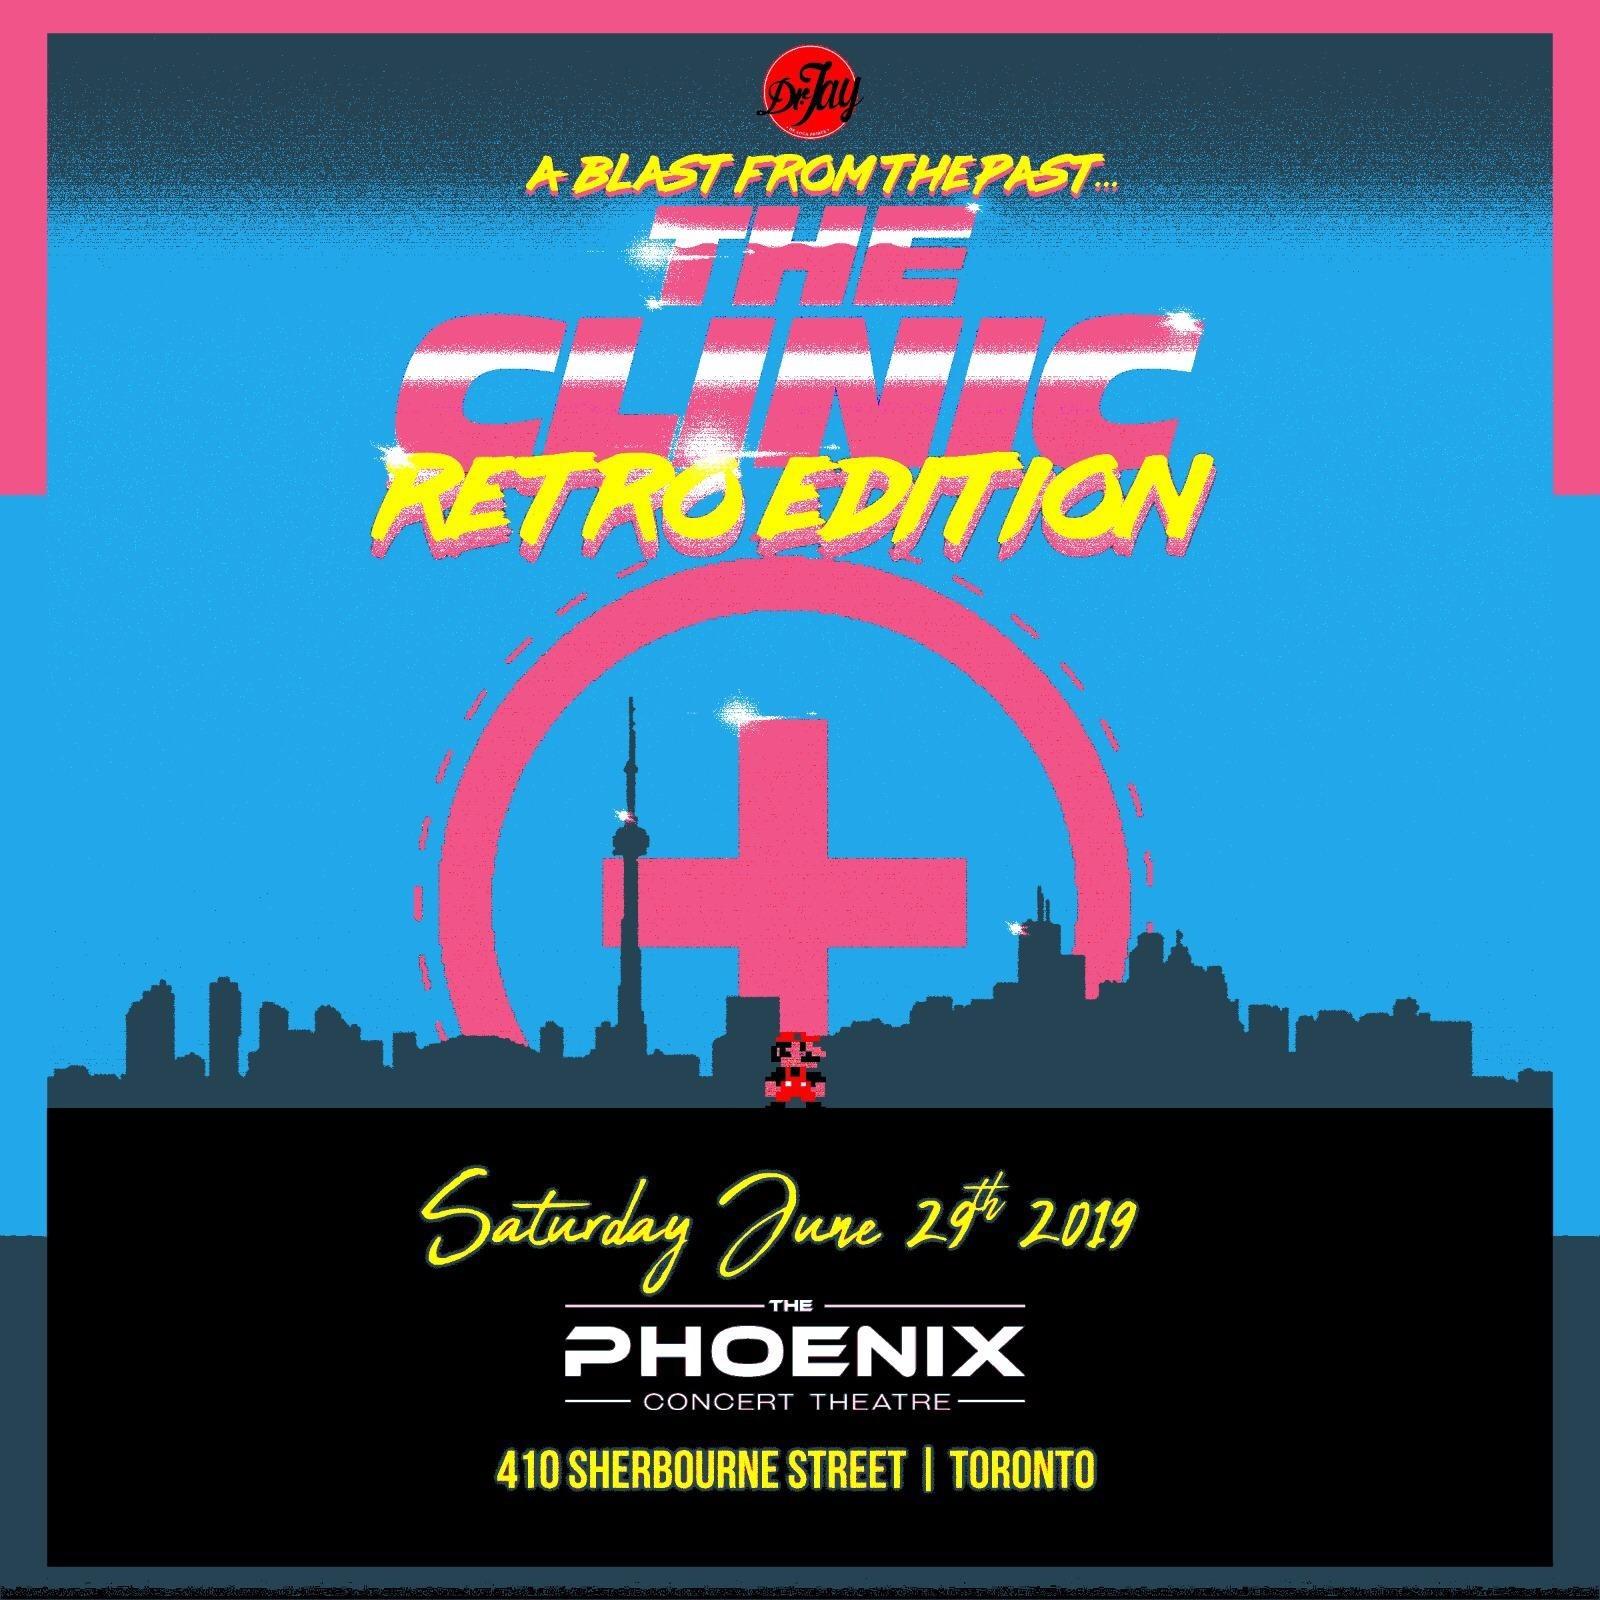 The Clinic - Retro Edition